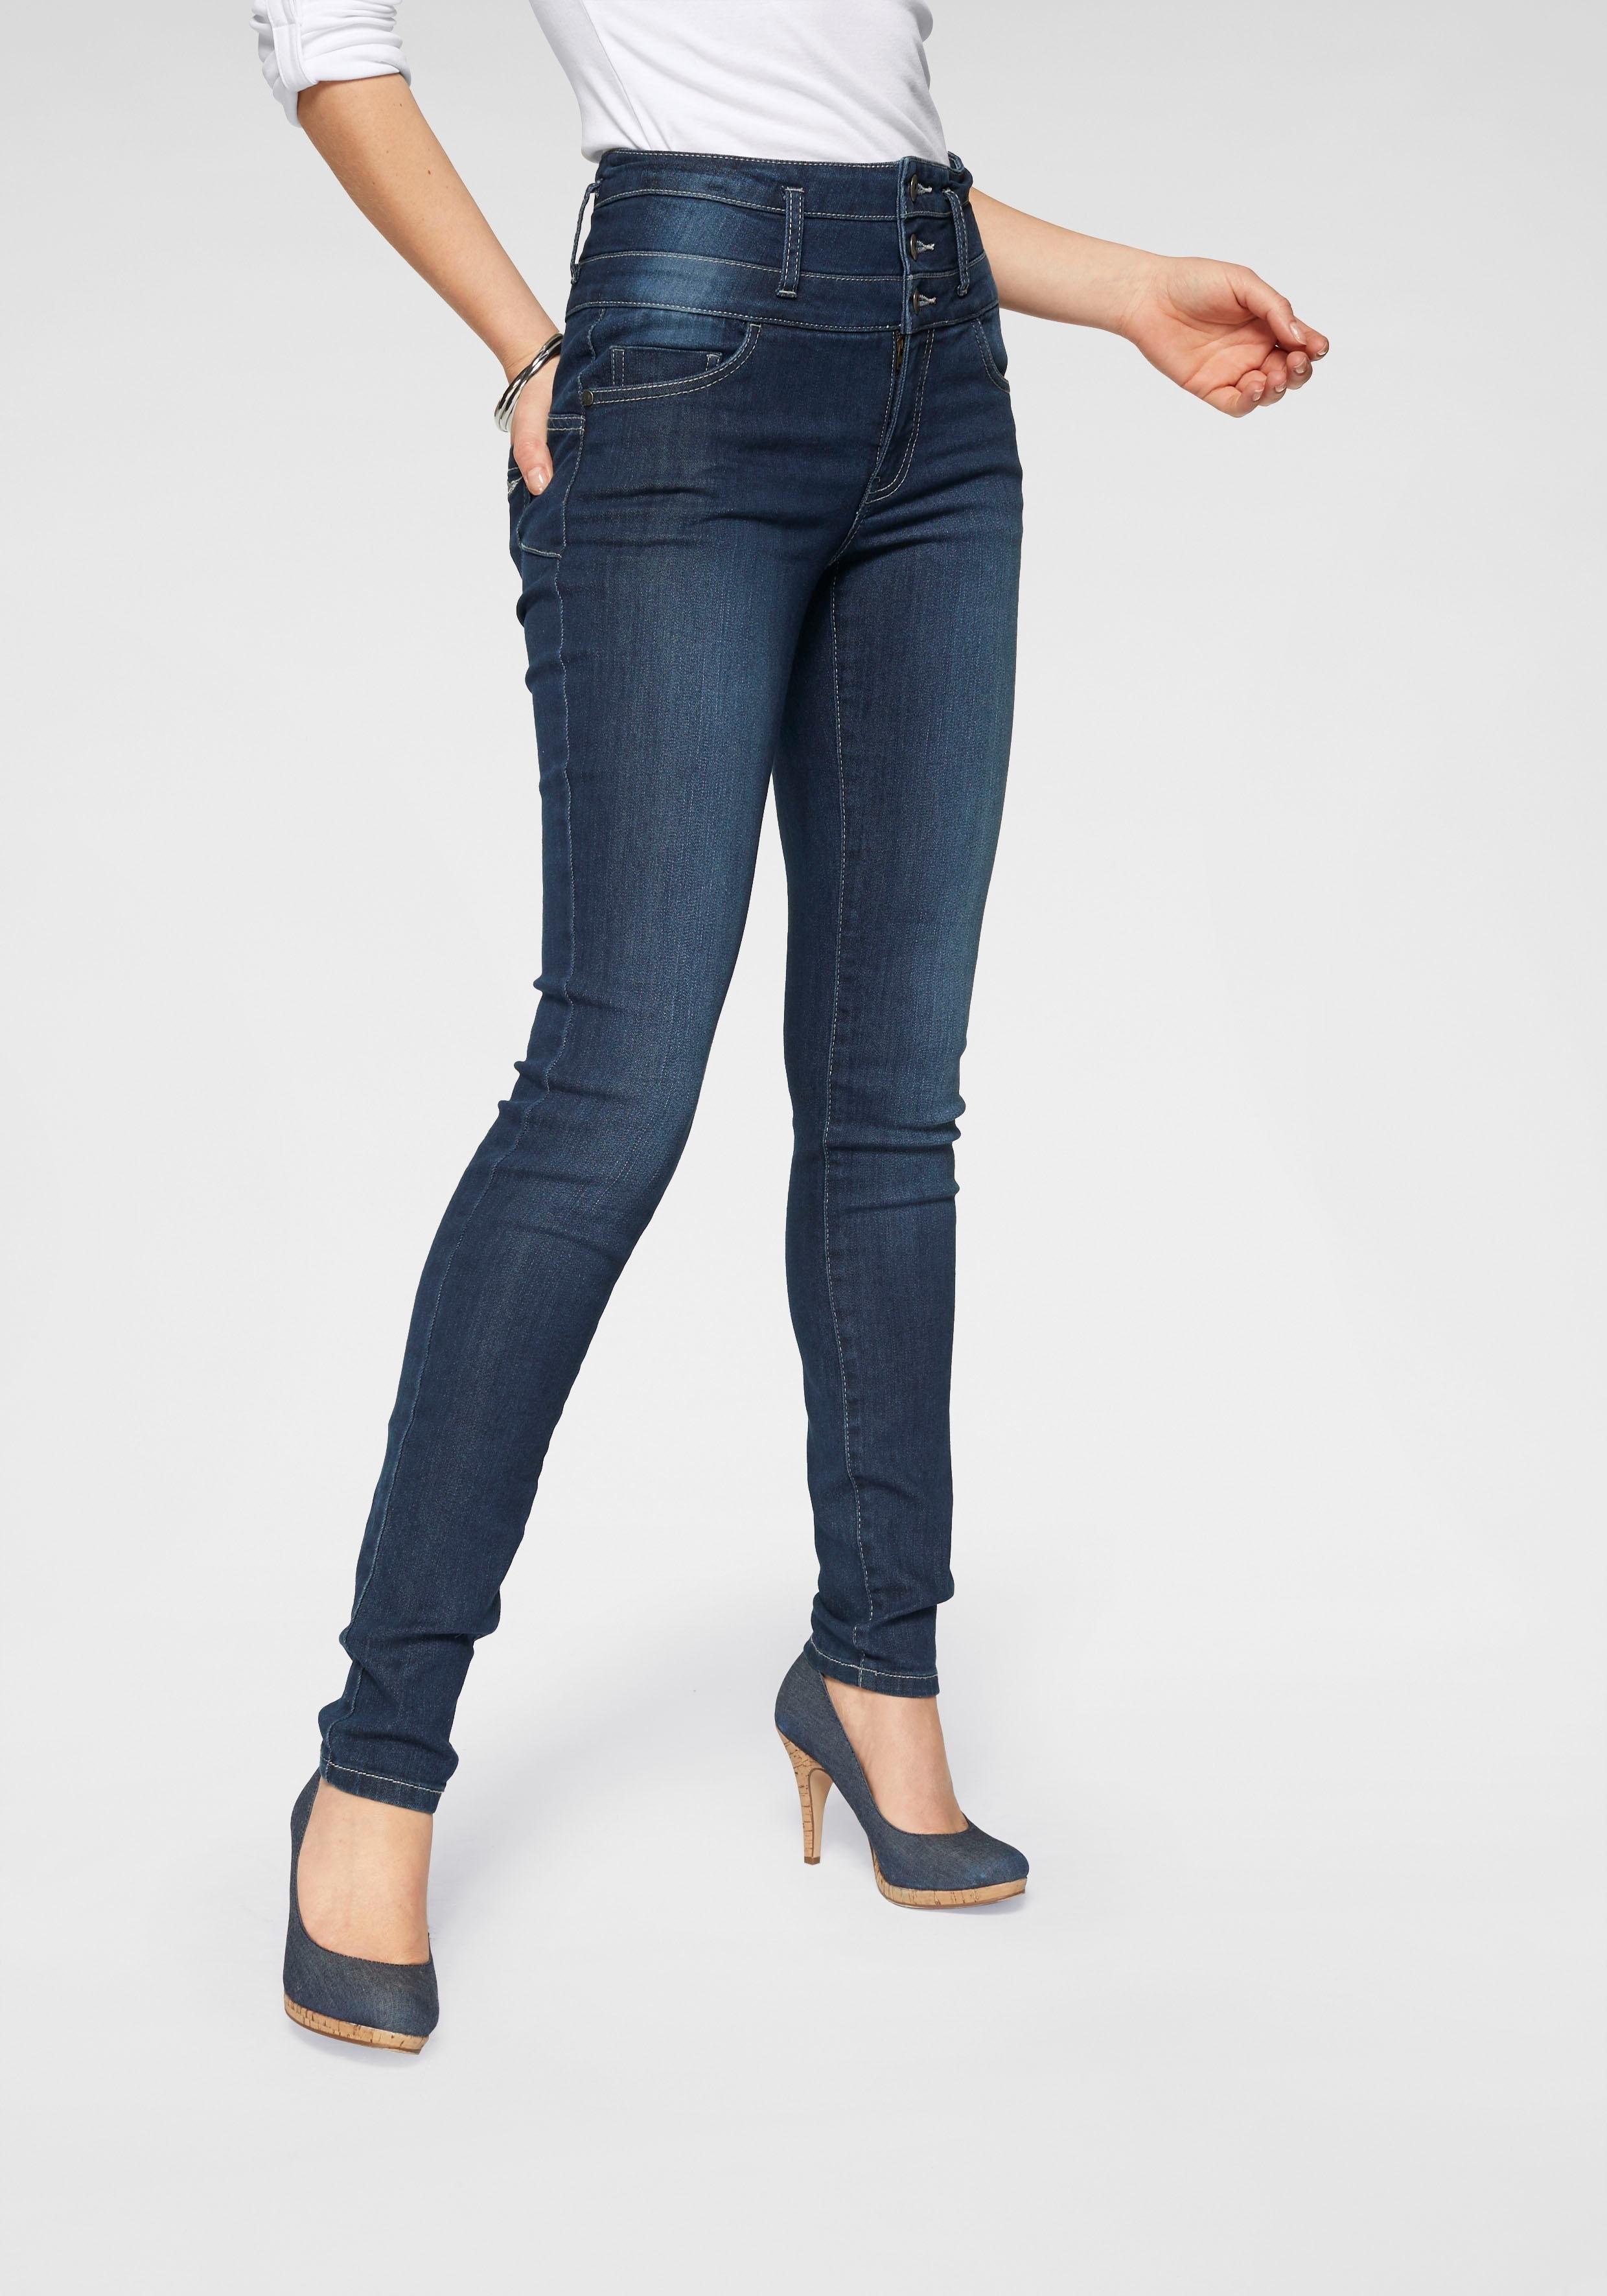 ARIZONA slim fit jeans »met extra brede band« nu online kopen bij OTTO